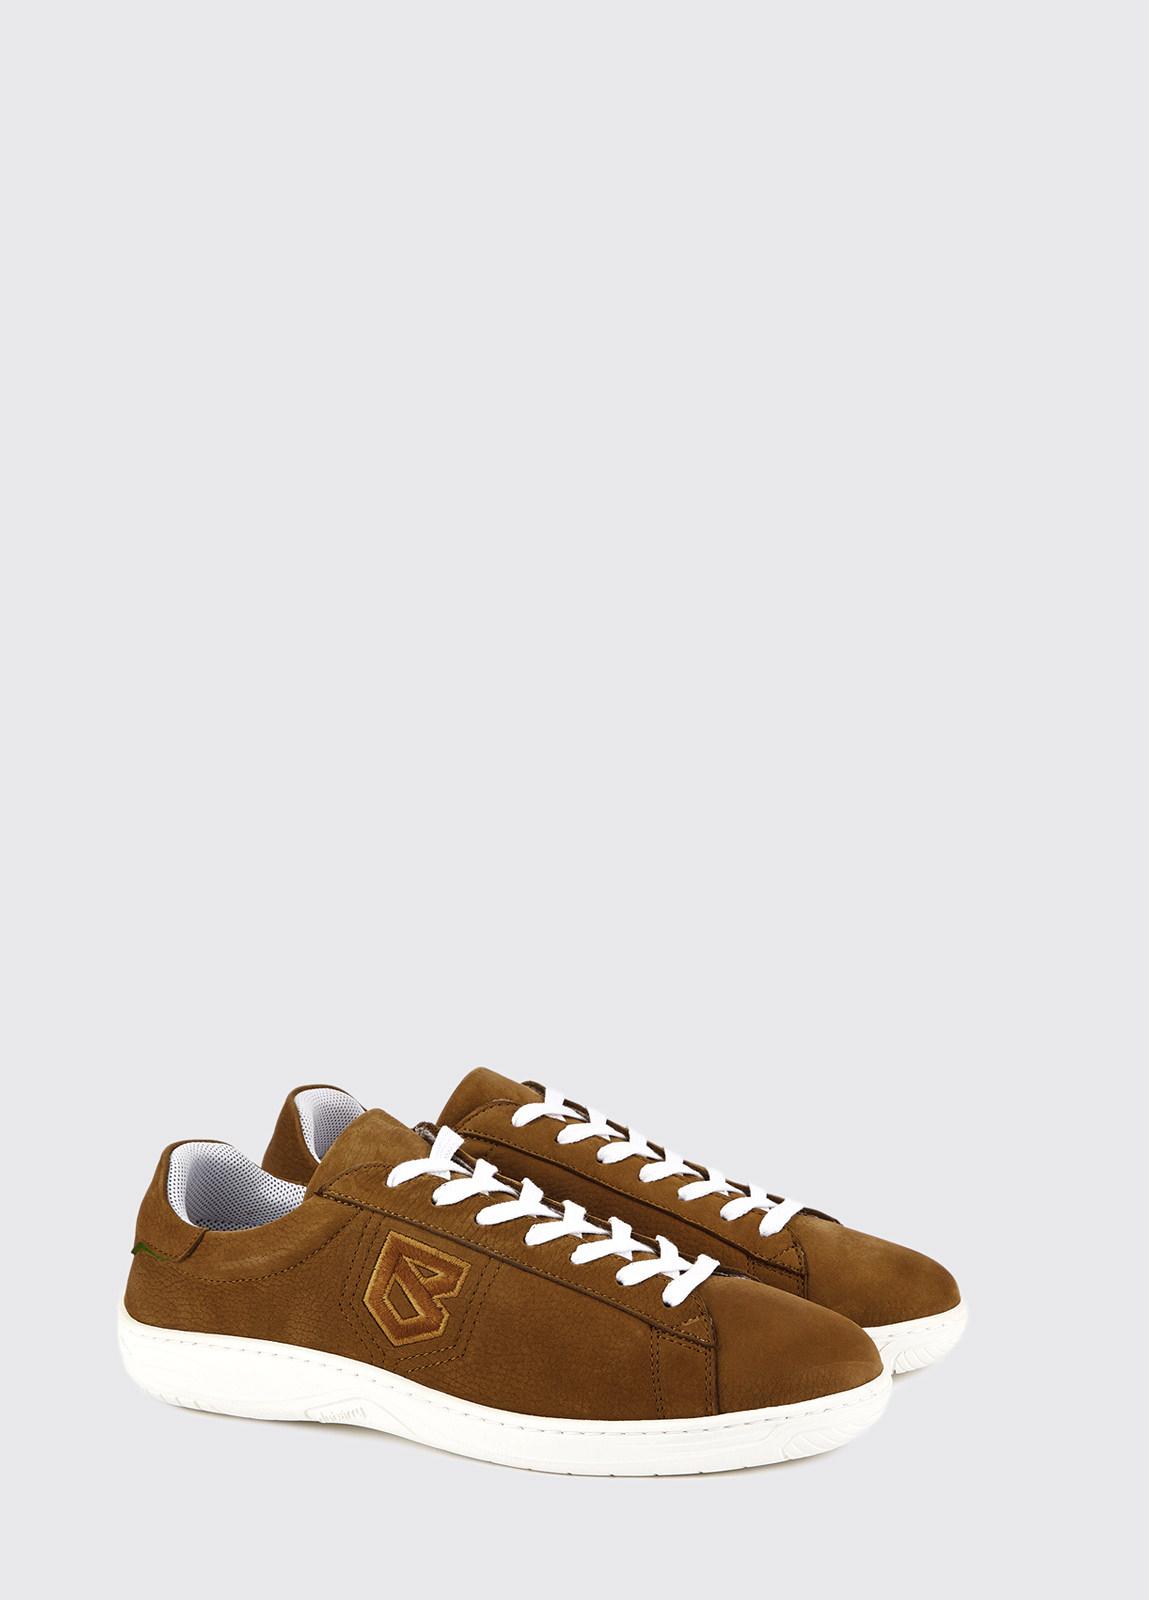 Portofino Deck Shoe - Brown